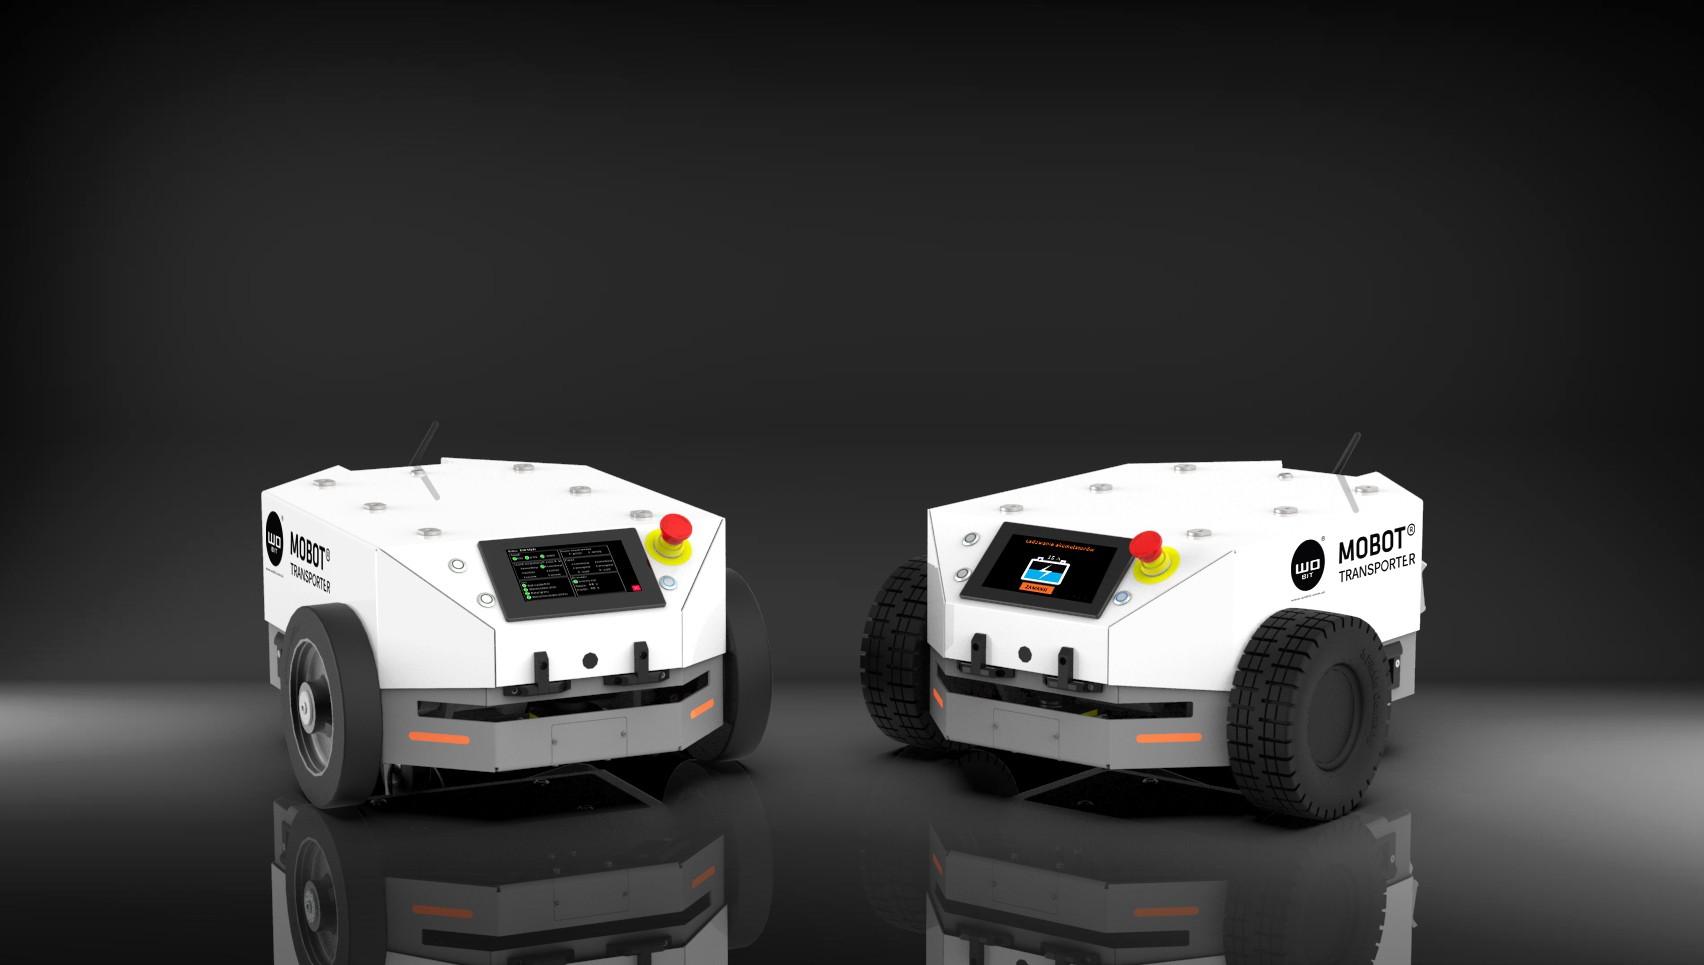 Roboty mobilne MOBOT® TRANSPORTER